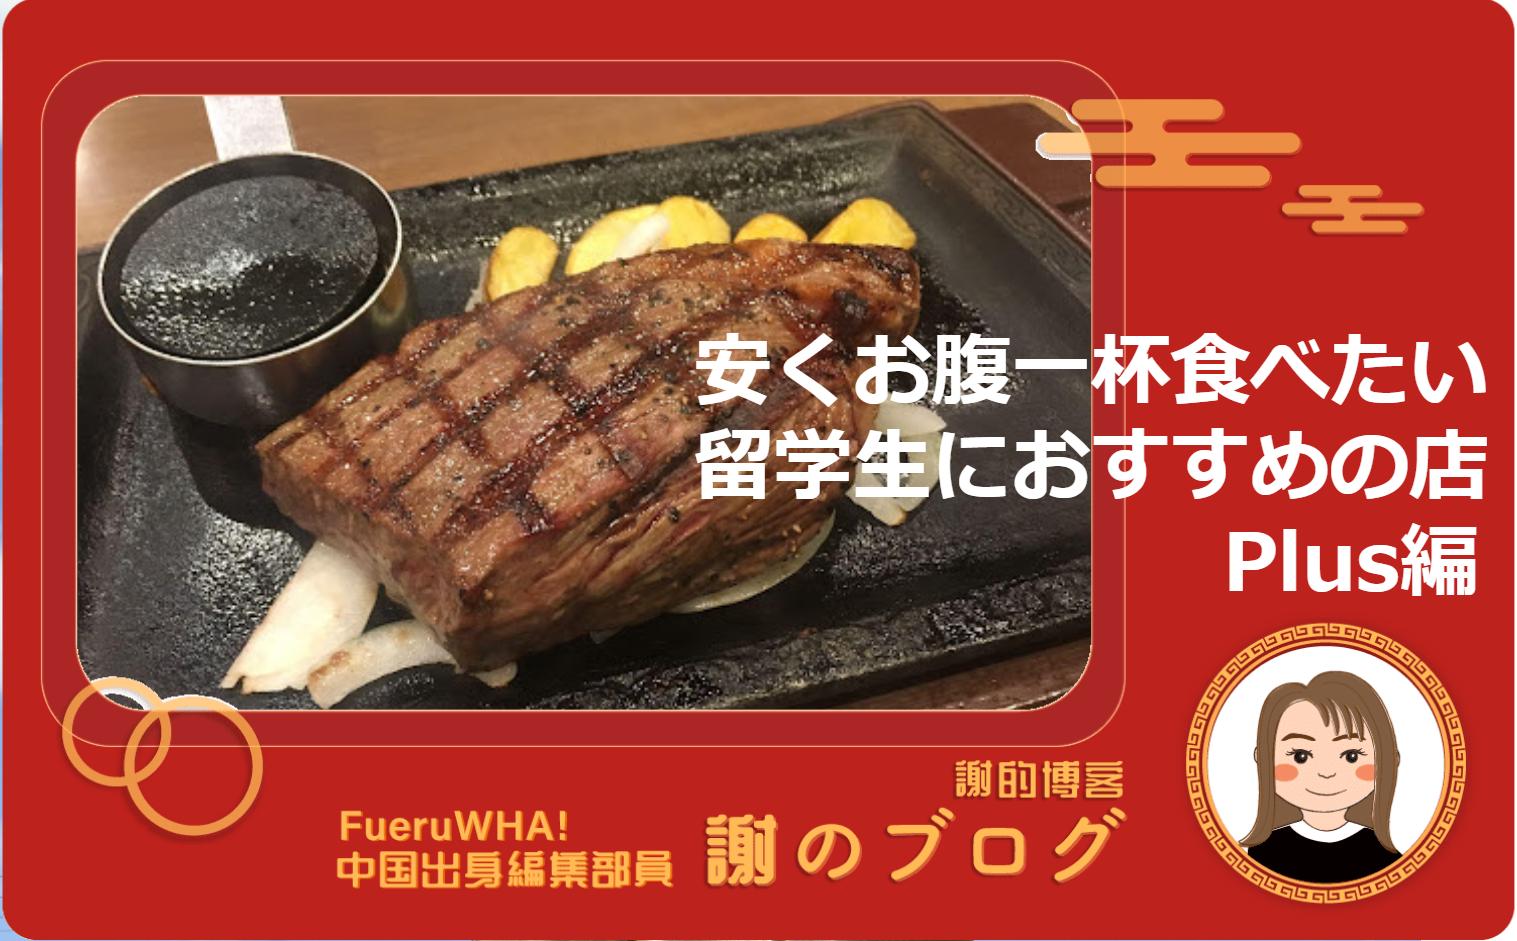 安くお腹一杯食べたい、留学生におすすめの店(Plus編)